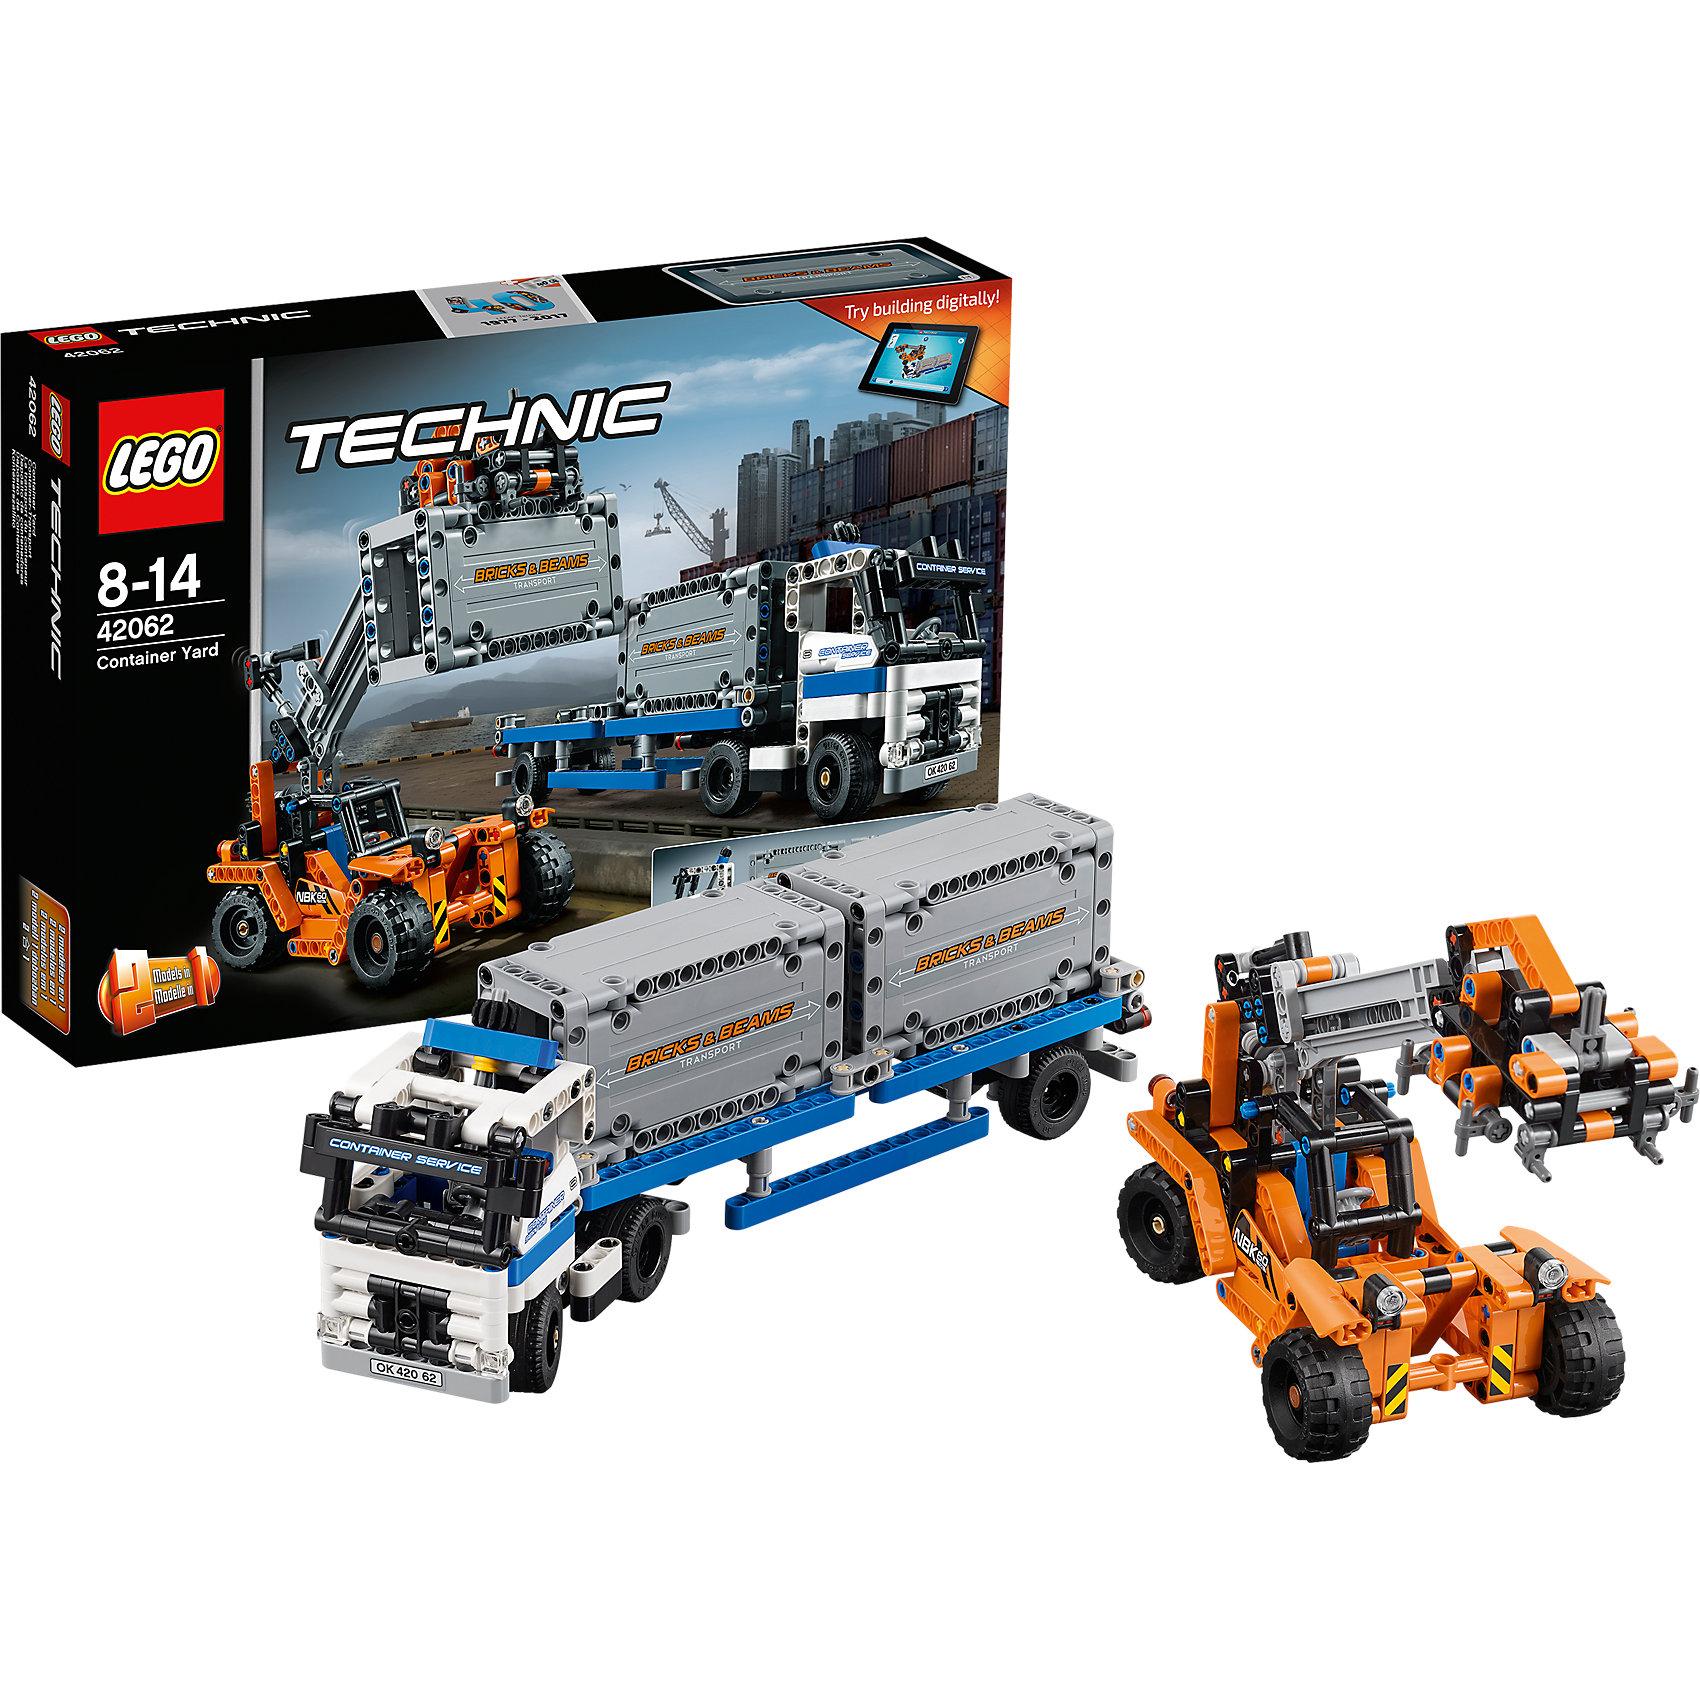 LEGO Technic 42062: Контейнерный терминалLEGO Technic 42062: Контейнерный терминал<br><br>Характеристики:<br><br>- в набор входит: детали большегрузного автомобиля, контейнеров и погрузчика, наклейки, инструкция по сборке<br>- состав: пластик<br>- количество деталей: 260<br>- приблизительное время сборки: 75 мин.<br>- размер упаковки: 38 * 7 * 29 см.<br>- размер автомобиля с контейнерами: 30,5 * 7 * 11 см.<br>- размер погрузчика: 23 * 9 * 10,5 см.<br>- для детей в возрасте: от 8 до 14 лет<br>- Страна производитель: Дания/Китай/Чехия<br><br>Легендарный конструктор LEGO (ЛЕГО) представляет серию «Technic», которая бросает вызов уже опытным строителям ЛЕГО. Ваш ребенок может строить продвинутые модели с реальными функциями, такими как коробки передач и системы рулевого управления. В набор включена уникальная деталь, посвященная сорокалетию серии. Наслаждайтесь строительством реалистичного большегрузного автомобиля и погрузчика! <br><br>Благодаря специальному механизму колеса автомобиля двигаются в разные стороны, помогая ему разворачиваться вместе с прицепом и грузом, прицеп можно отсоединить, двери кабины открываются, а сиденья складываются. Ведущие колеса погрузчика так же двигаются с помощью механизма, грузозахватное устройство поднимается, двигается вперед и надежно захватывает контейнеры. Открытая кабина погрузчика открывается, водитель защищен надежной и прочной конструкцией. Большегрузный автомобиль перестраивается в грузовик, а погрузчик в стационарный портальный для нового вида перевозок, обе модели имеют дополнительные объемные интерактивные инструкции на вебсайте ЛЕГО. <br><br>Играя с конструктором ребенок развивает моторику рук, воображение и логическое мышление, научится собирать по инструкции и создавать свои модели. Принимайте новые вызовы по сборке моделей и придумывайте новые истории с набором LEGO «Technic»!<br><br>Конструктор LEGO Technic 42062: Контейнерный терминал можно купить в нашем интернет-магазине.<br><br>Ширина мм: 385<br>Глубина мм: 263<br>